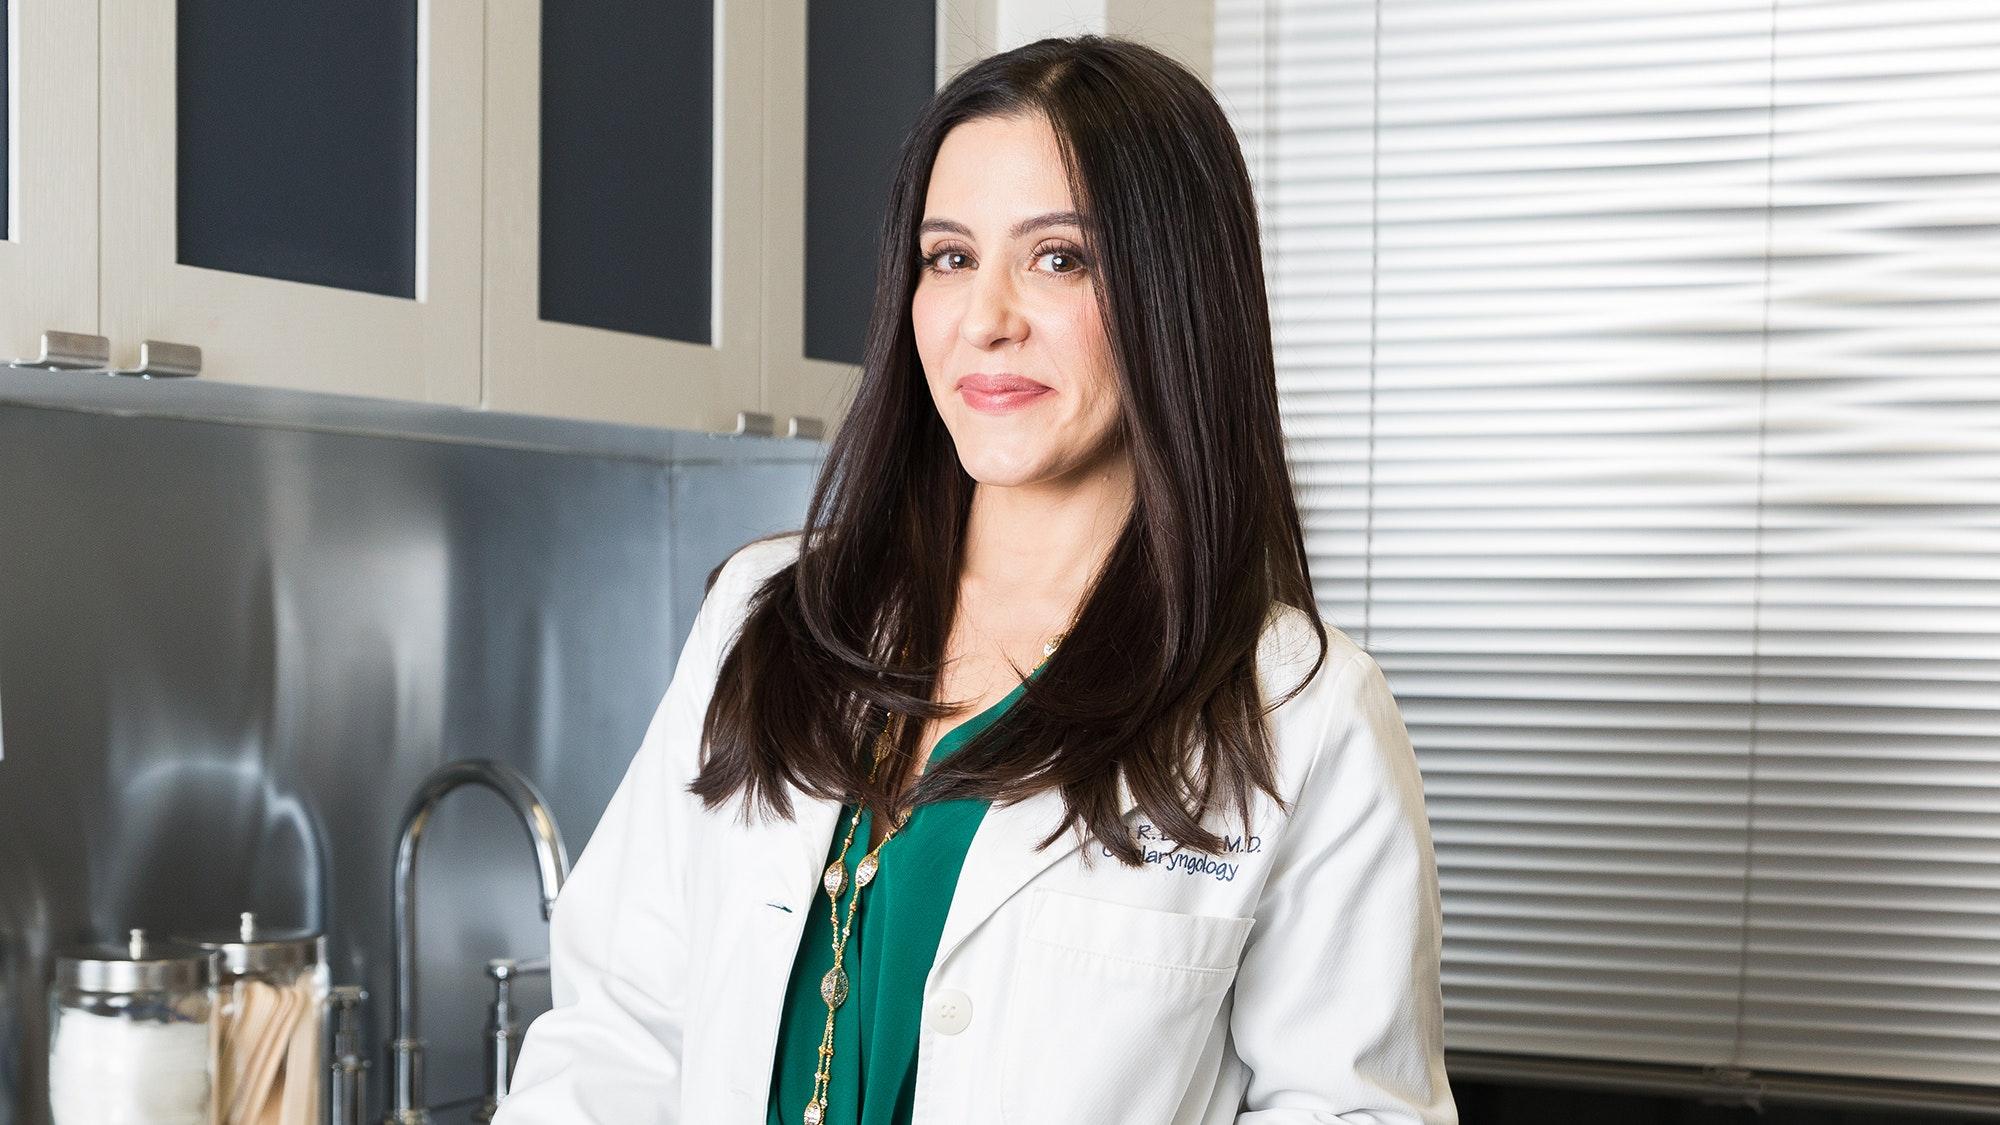 Dr. Dara Liotta